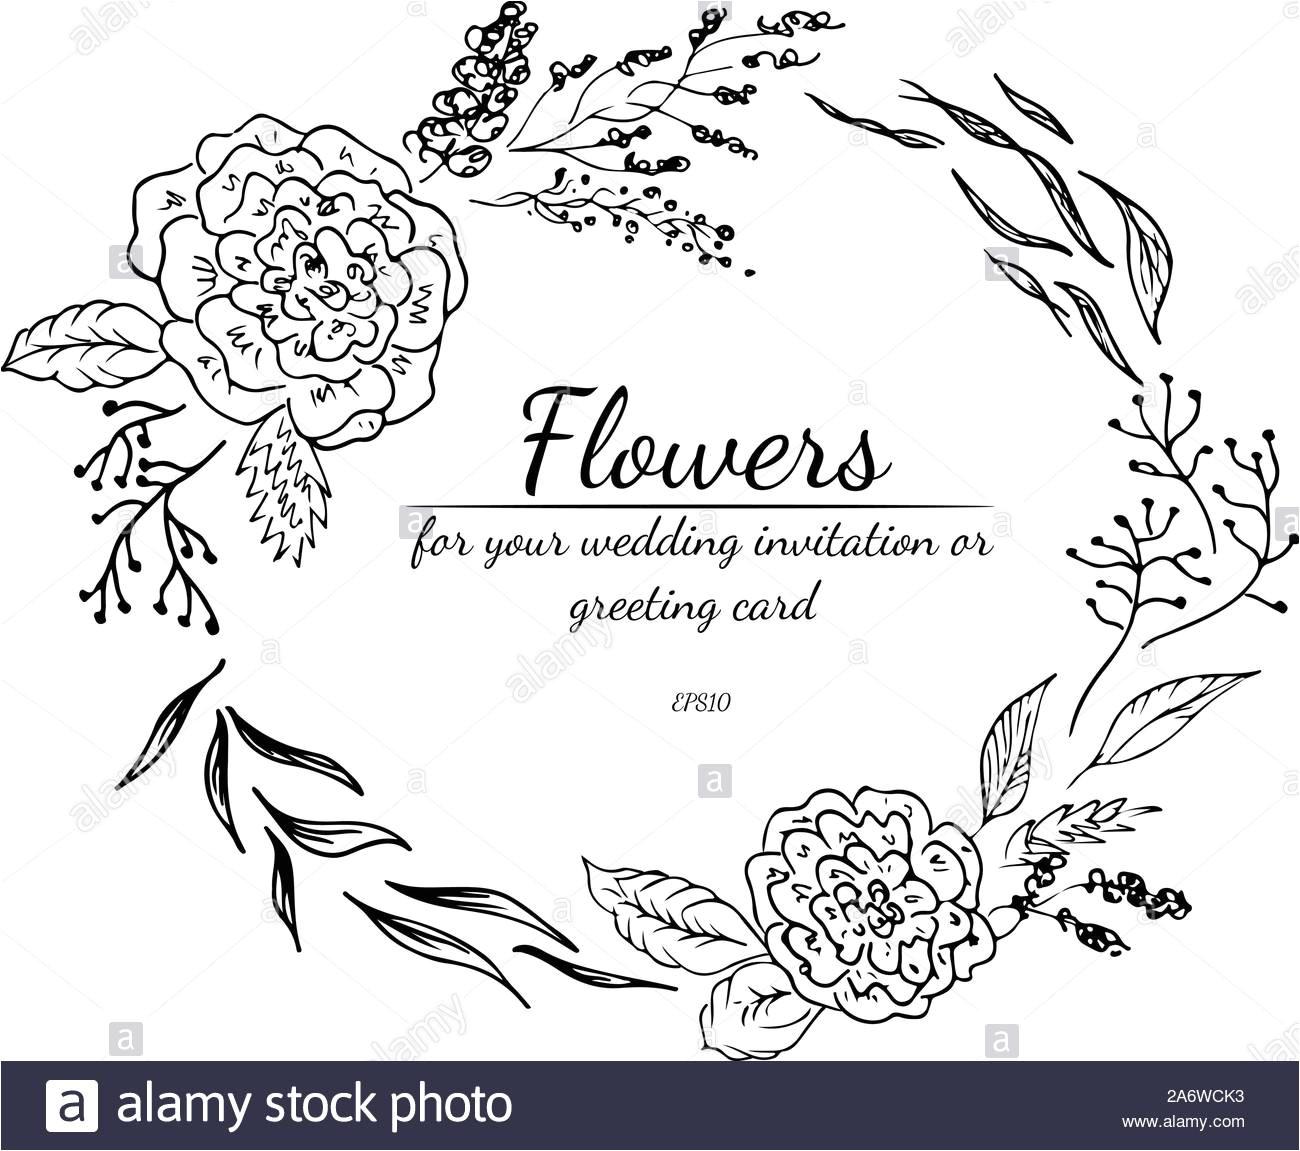 tropische frame hand gezeichnet dschungel laub abbildung florale hand zeichnen vektor isoliert naturliche quelle hochzeit karte sommer tropische le 2a6wck3 jpg